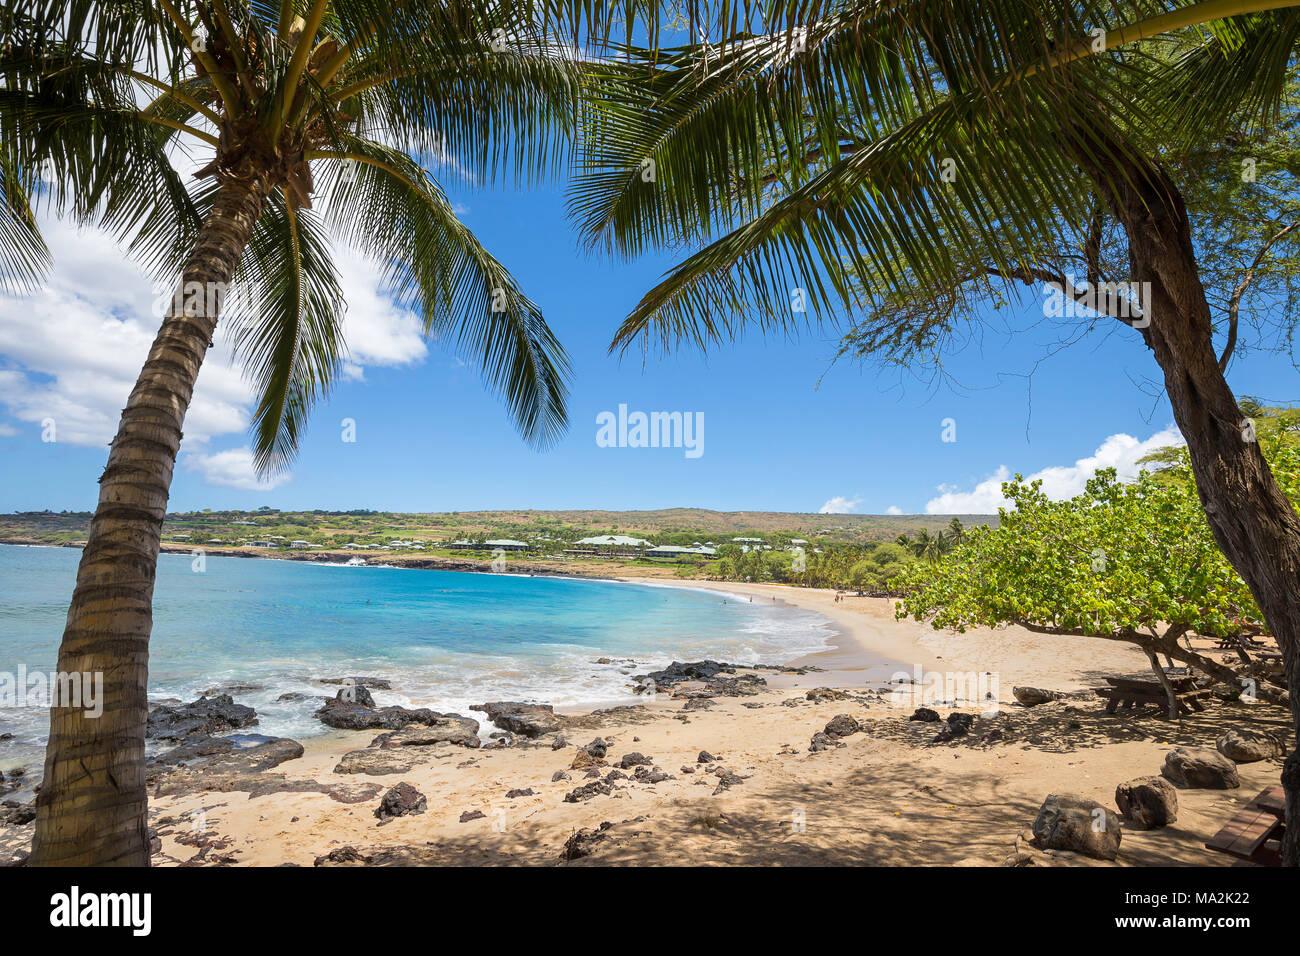 """Four Seasons Resort si affaccia sulla spiaggia dorata e Palm tree di Hulopo""""e Beach Park, Lanai Island, Hawaii, Stati Uniti d'America. Foto Stock"""